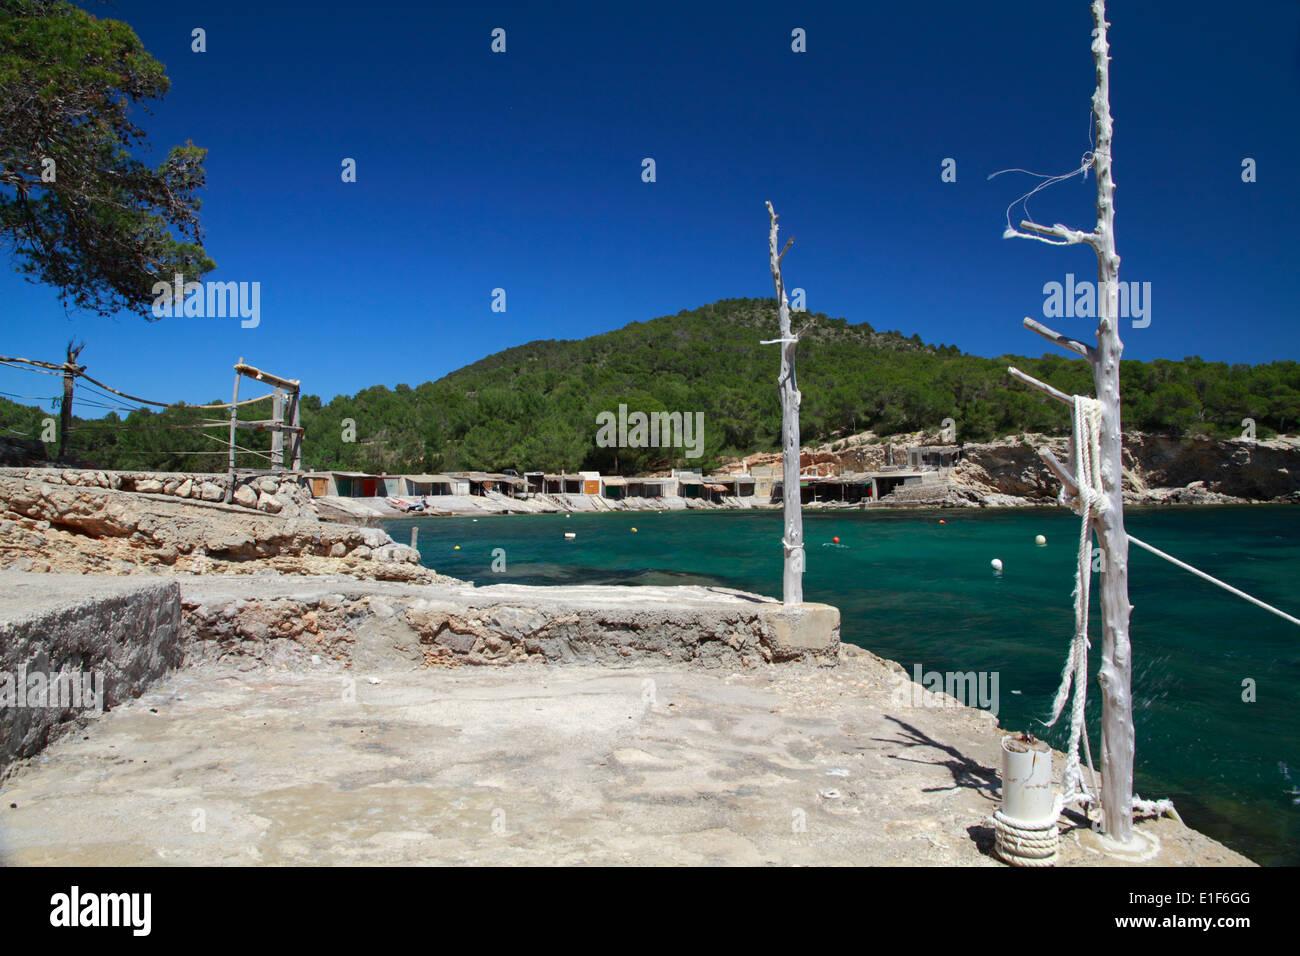 Boat huts at Sa Caleta - Stock Image